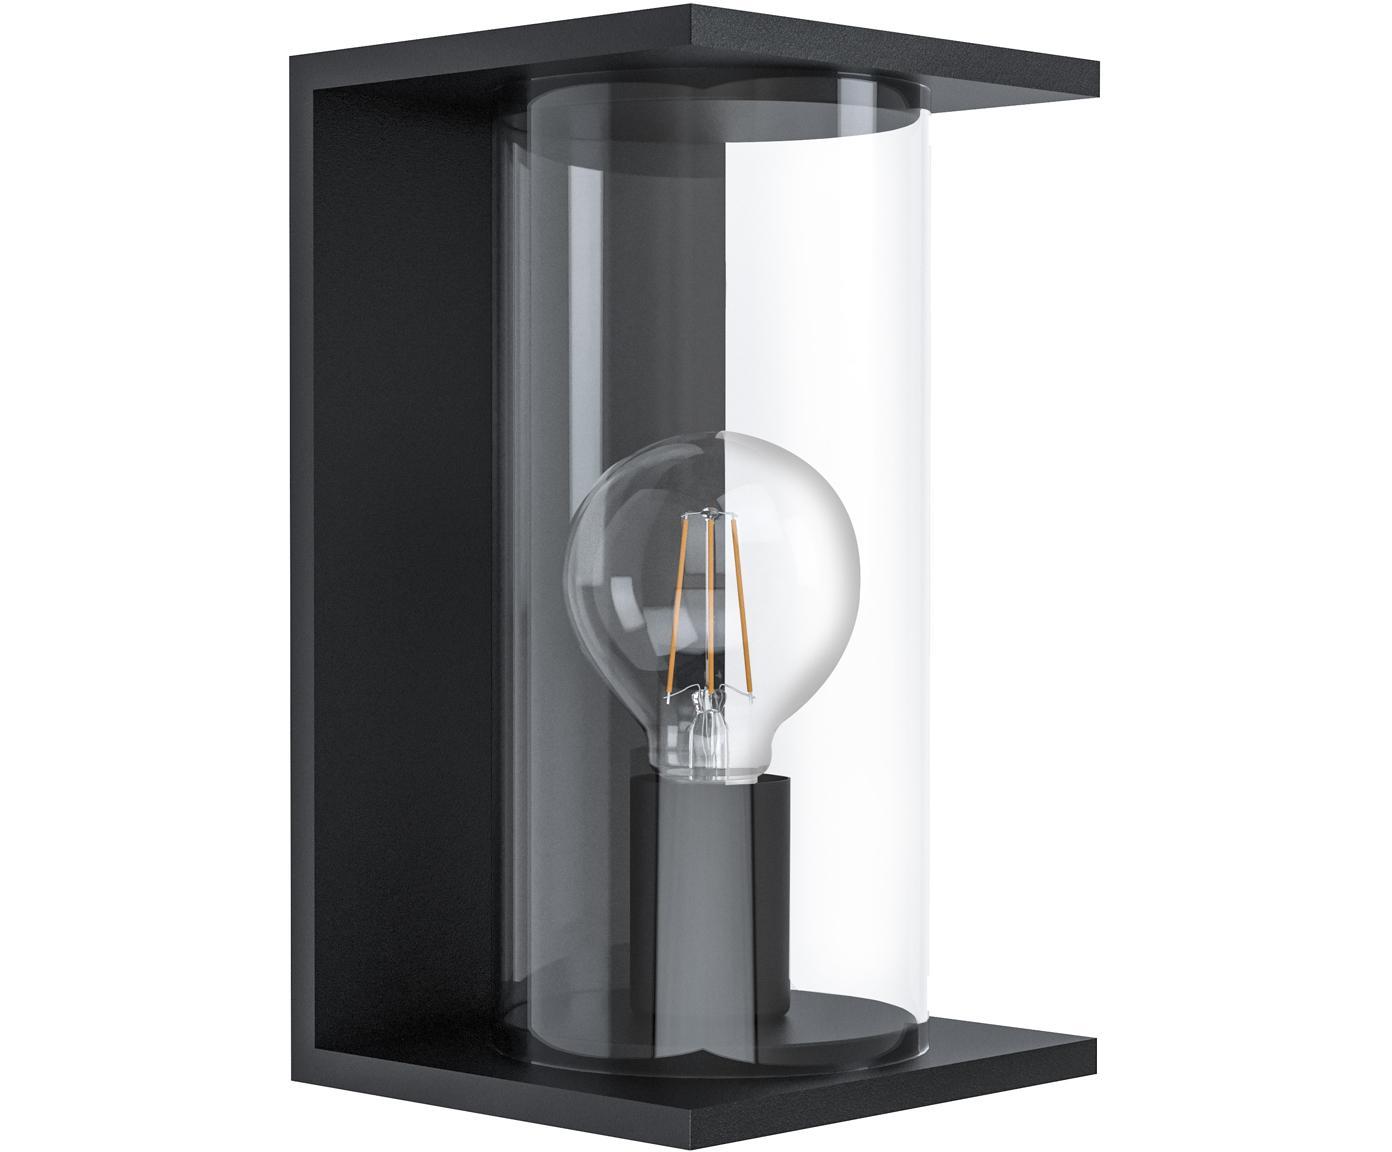 Aplique de exterior Cascinetta, Acero, galvanizado, vidrio, Negro, transparente, An 17 x Al 28 cm